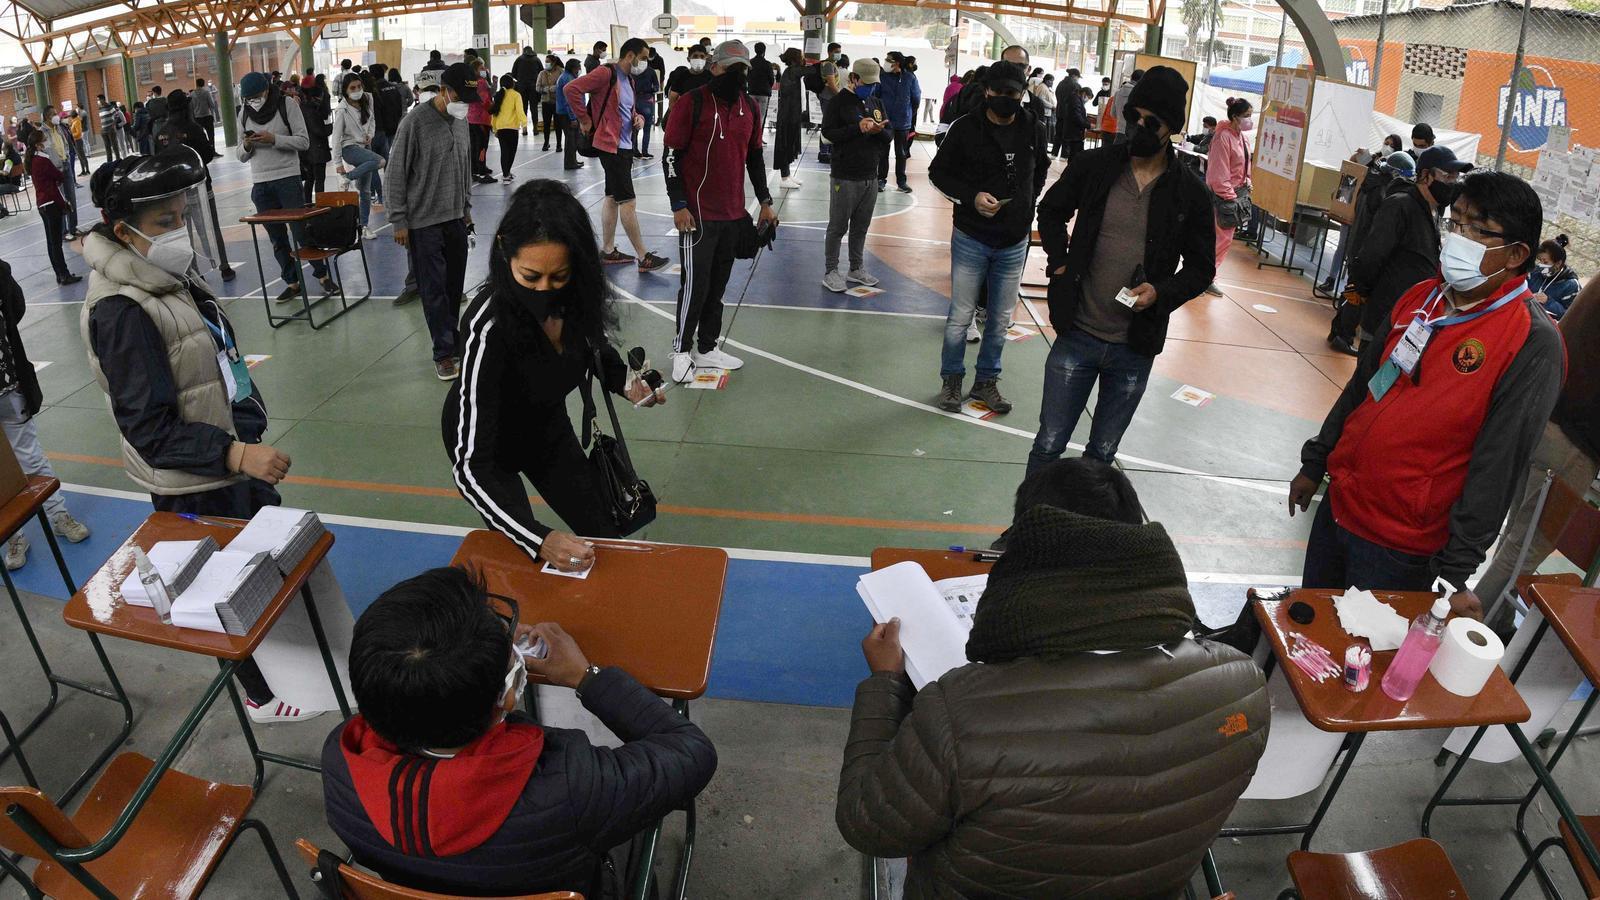 Bolívia vota polaritzada sota l'ombra de Morales i el fantasma del frau